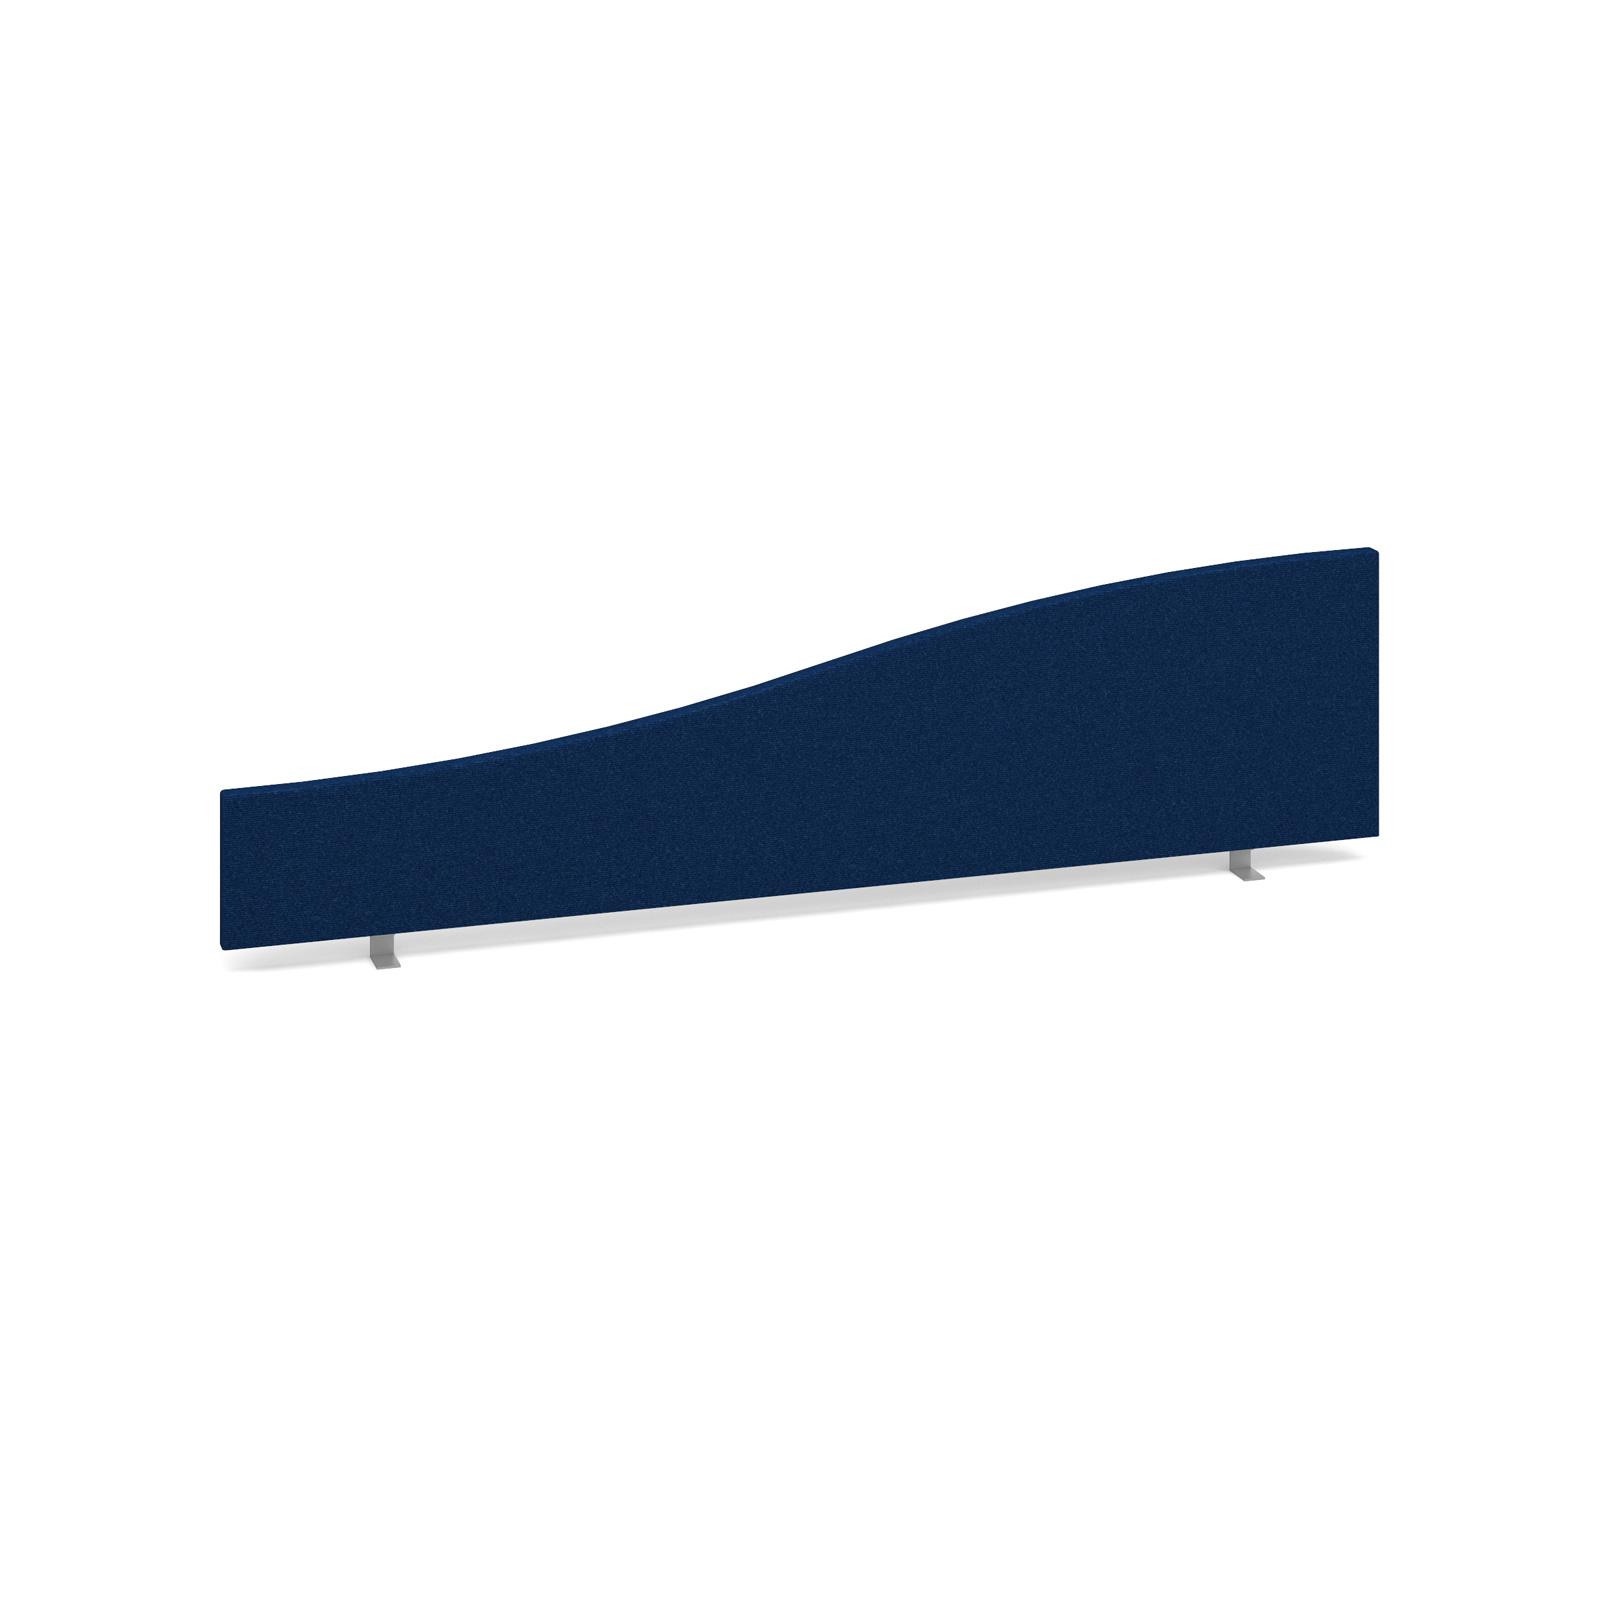 Wave desktop fabric screen 1600mm x 400mm/200mm - blue